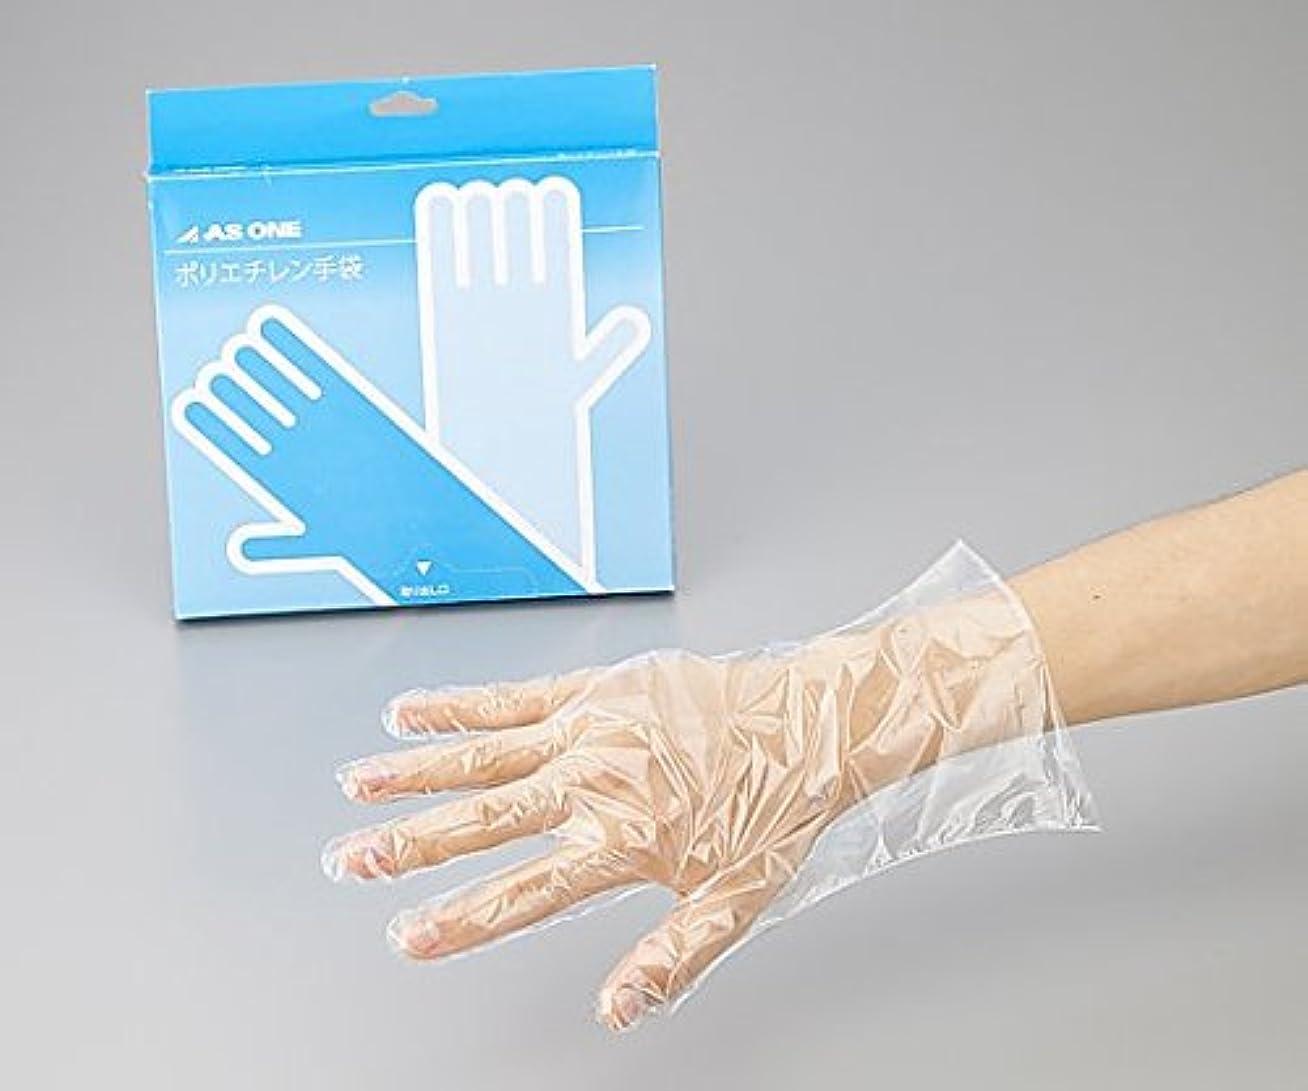 バター国旗憧れアズワン2-4972-02ポリエチレン手袋エコノミー薄手M100枚入